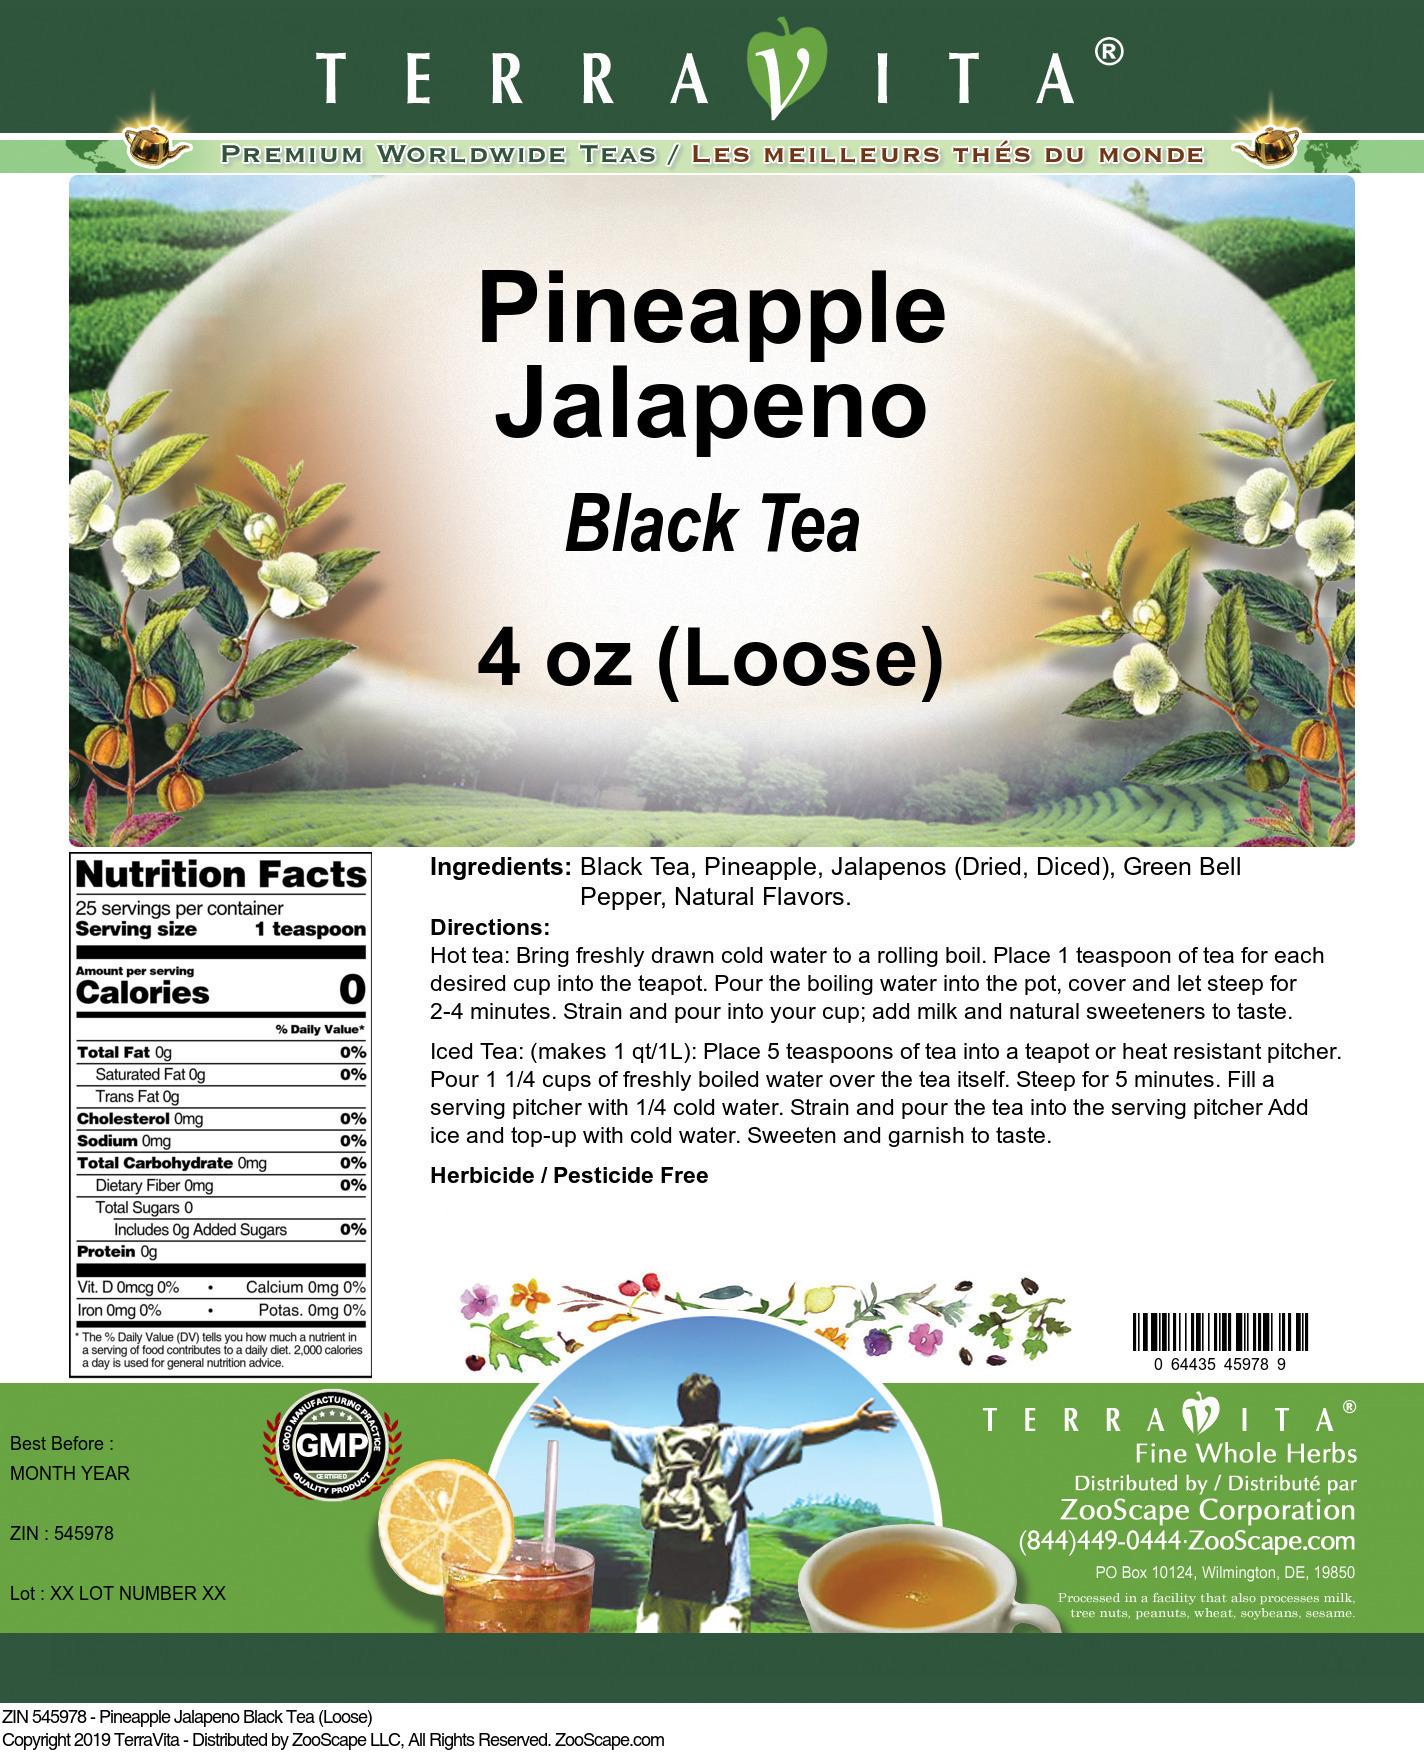 Pineapple Jalapeno Black Tea (Loose)